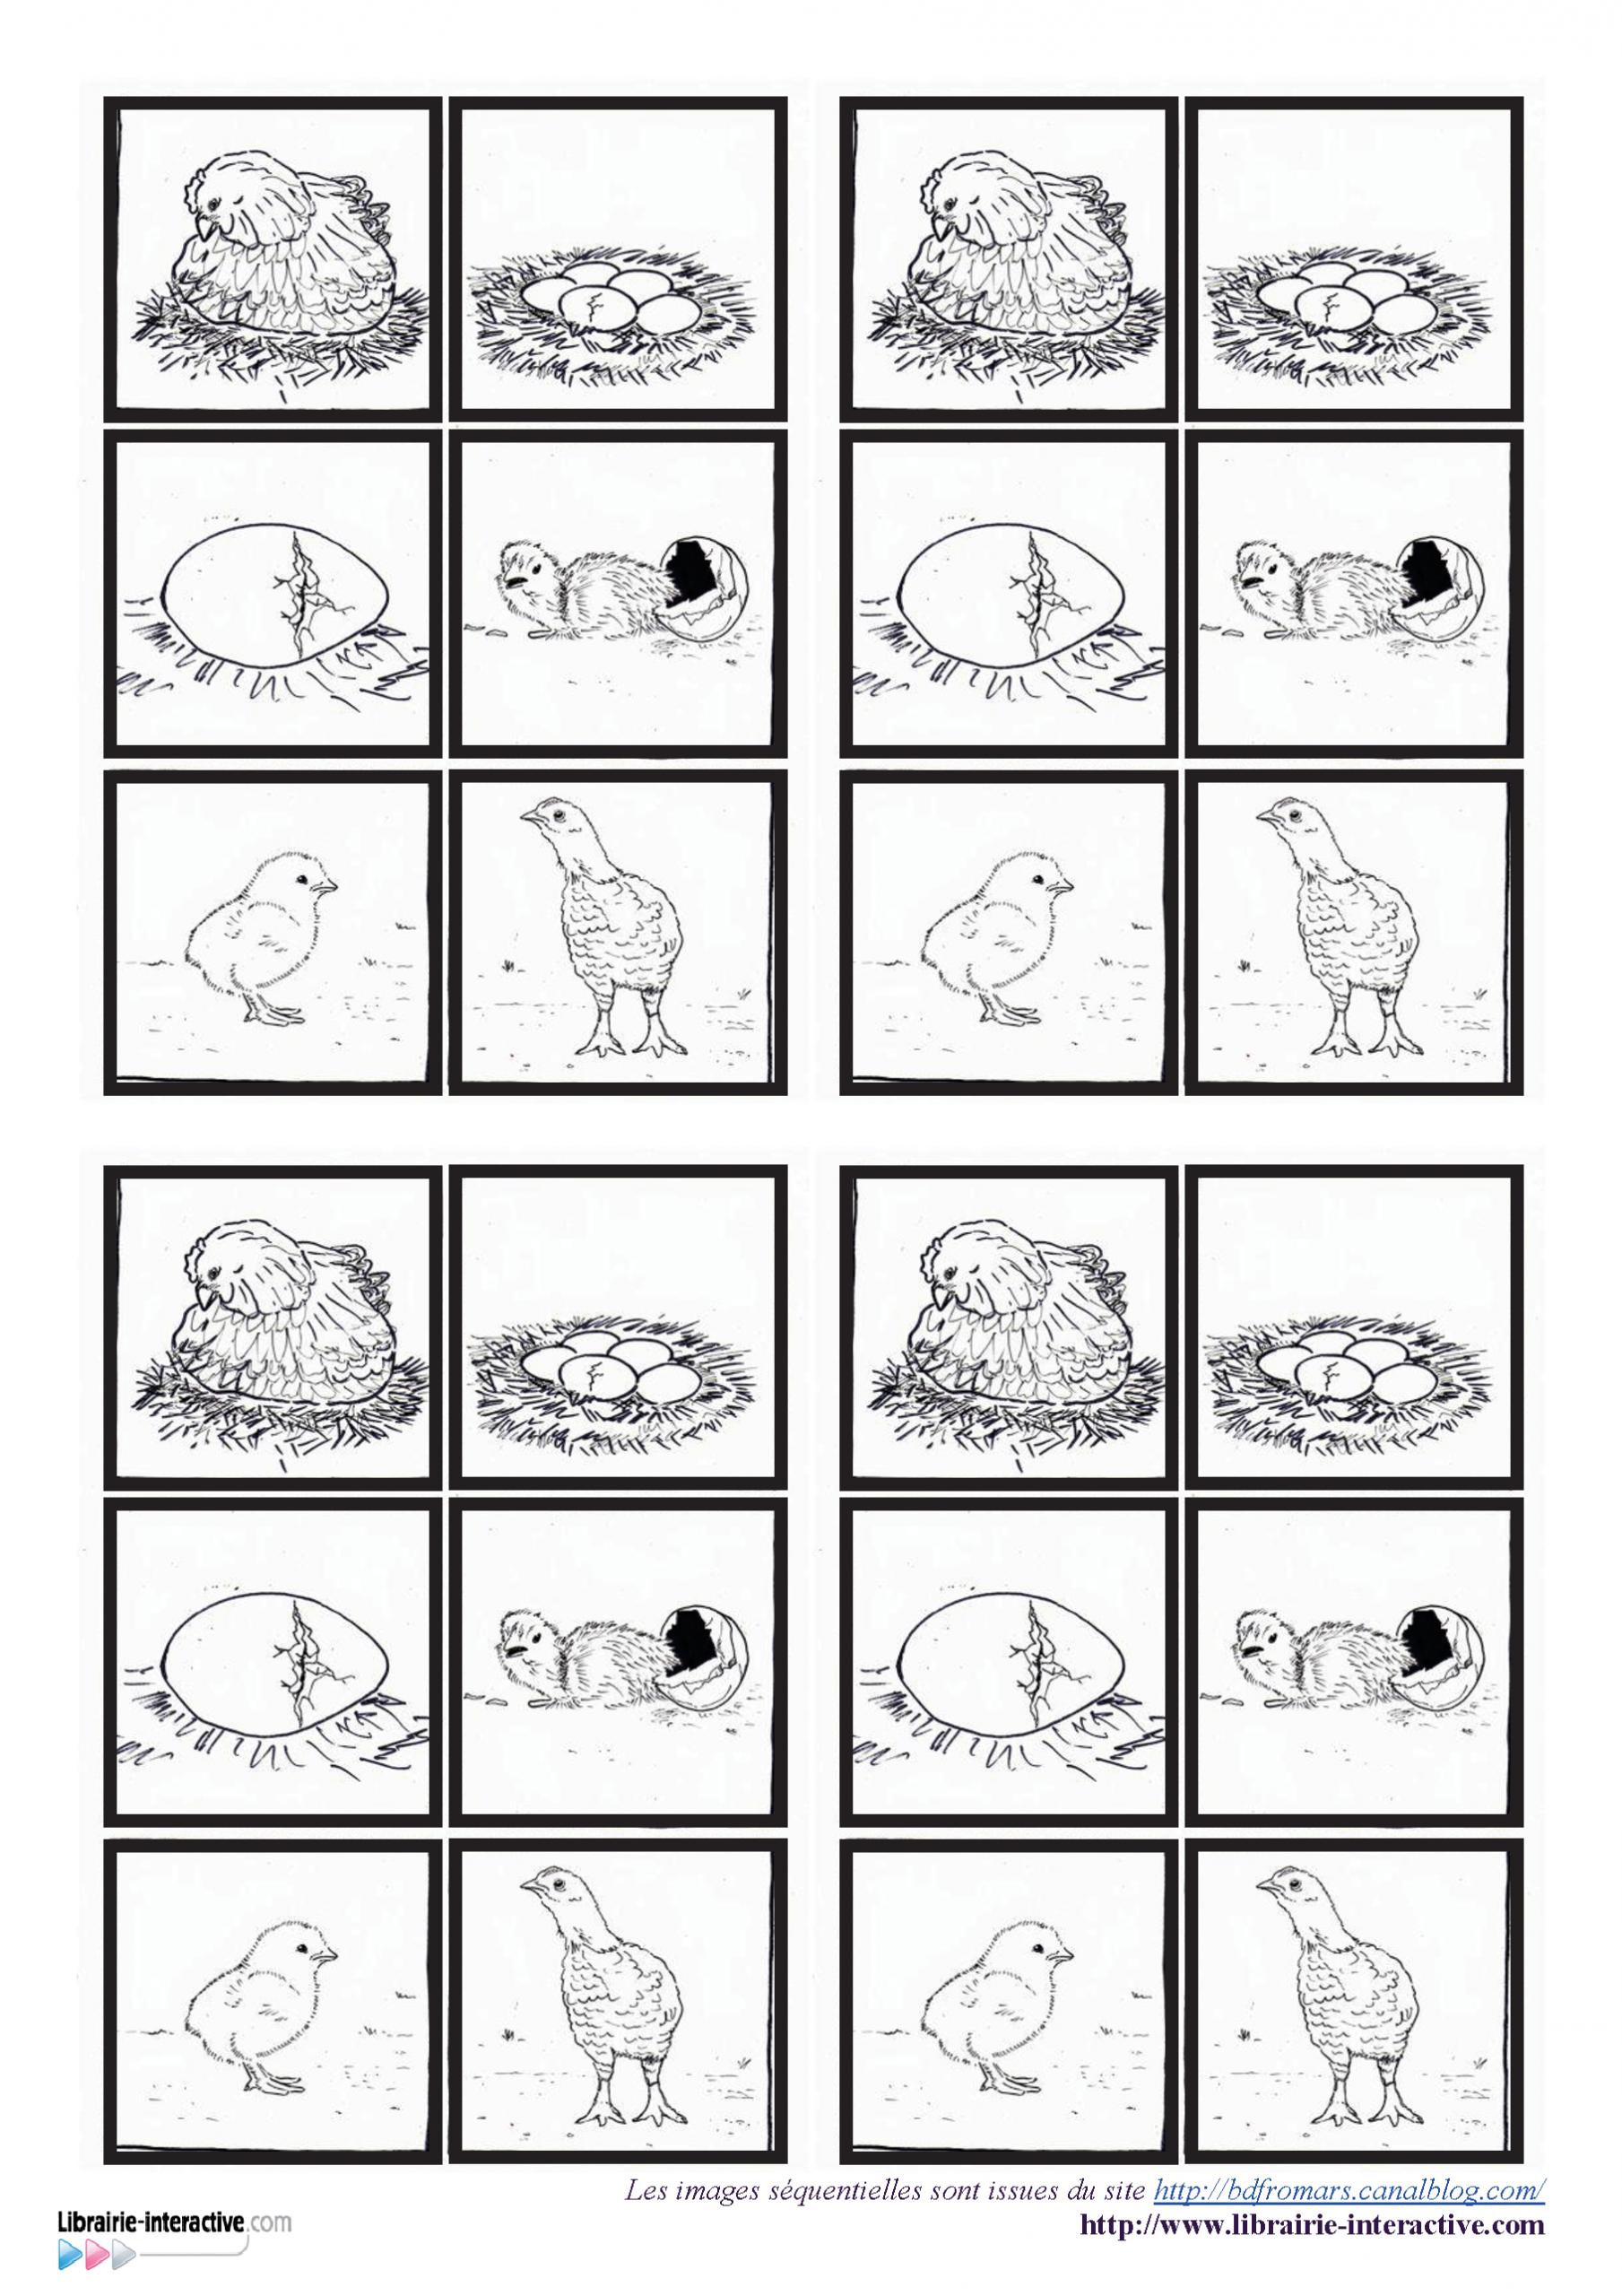 4 Fiches Avec Des Images Séquentielles Pour Décrire La avec Images Séquentielles À Imprimer